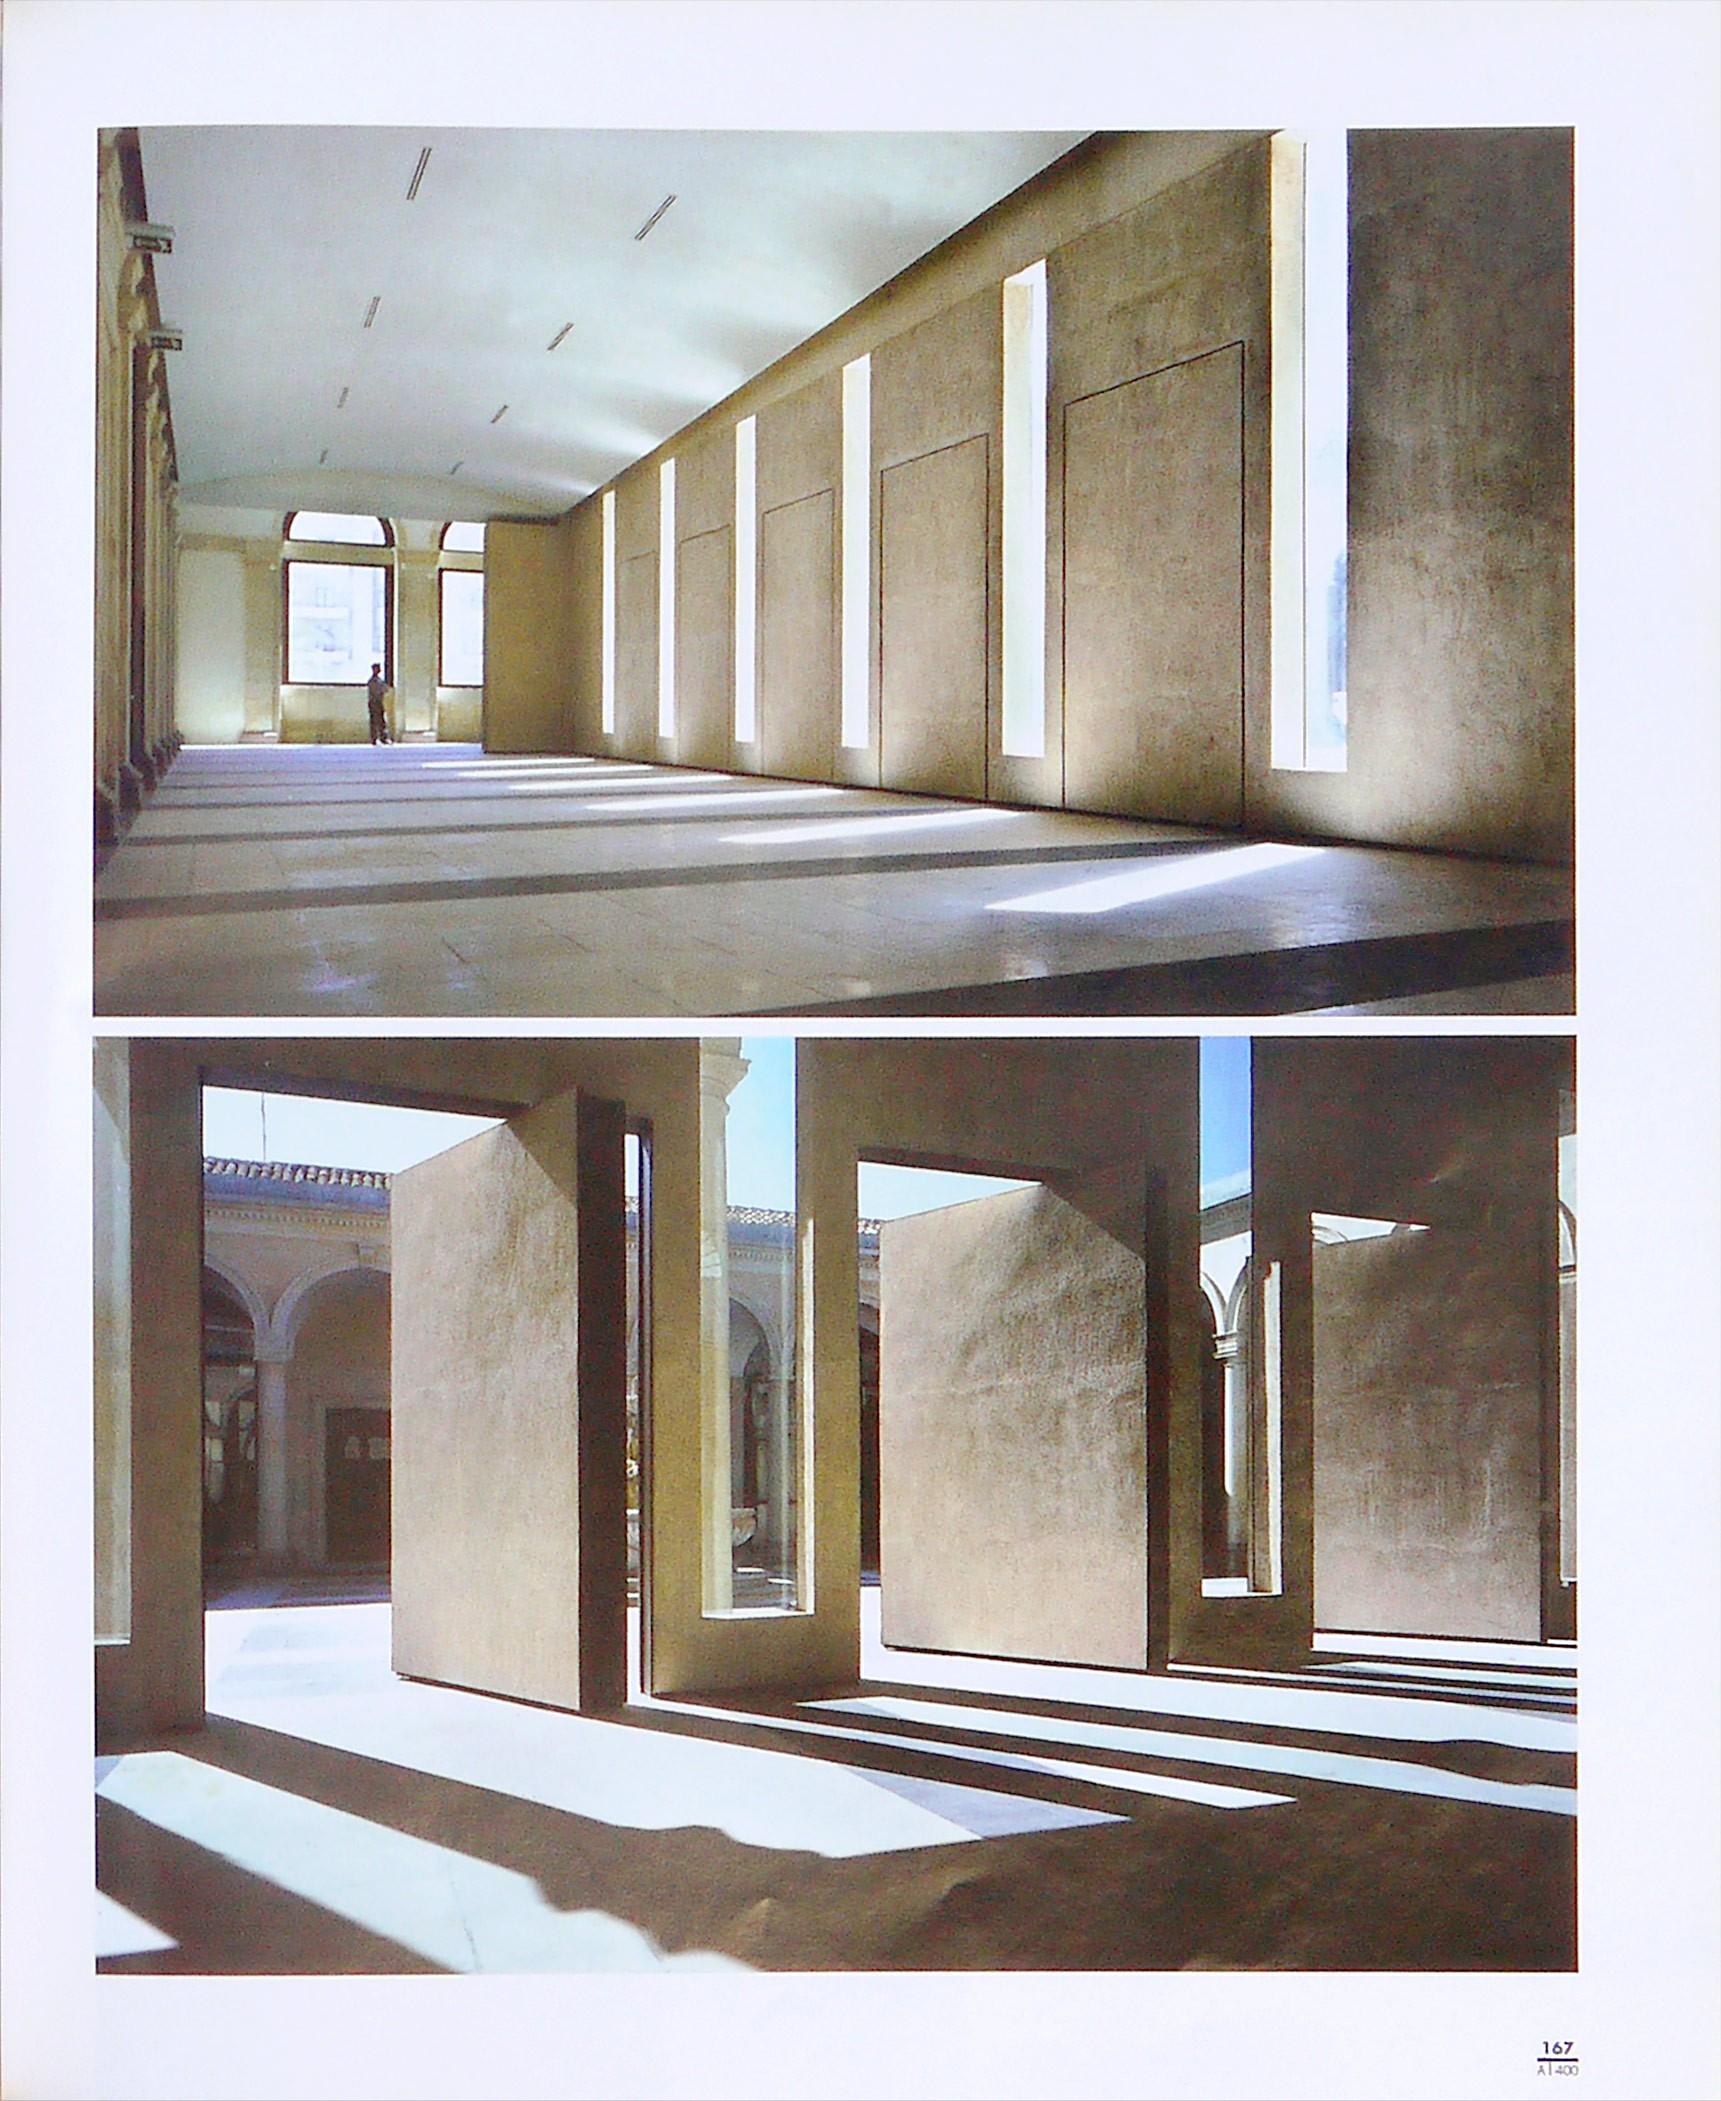 Abitare 400. Arch. Emanuele Fidone - S.M. del Gesù, Modica